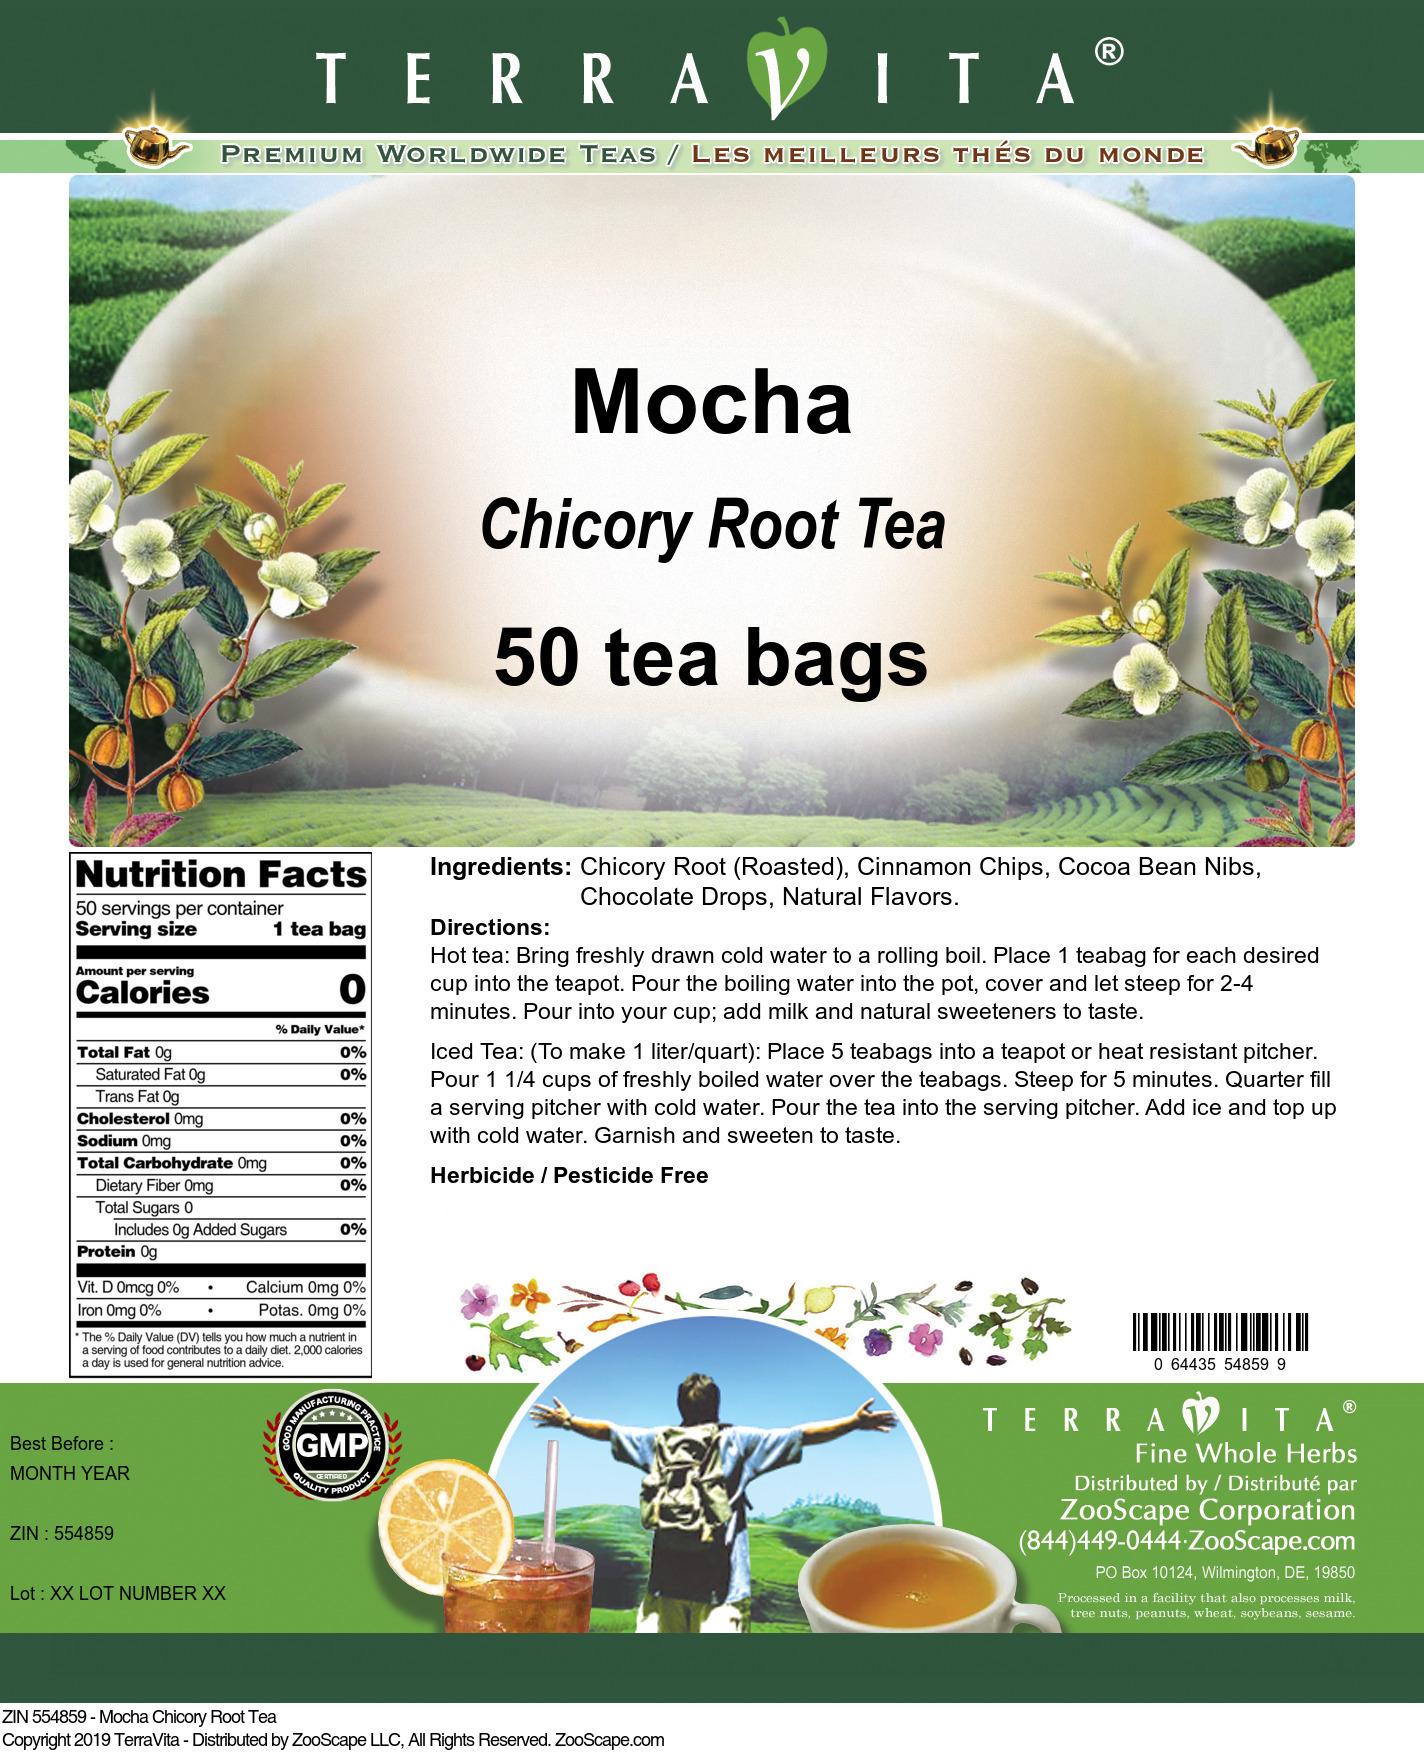 Mocha Chicory Root Tea